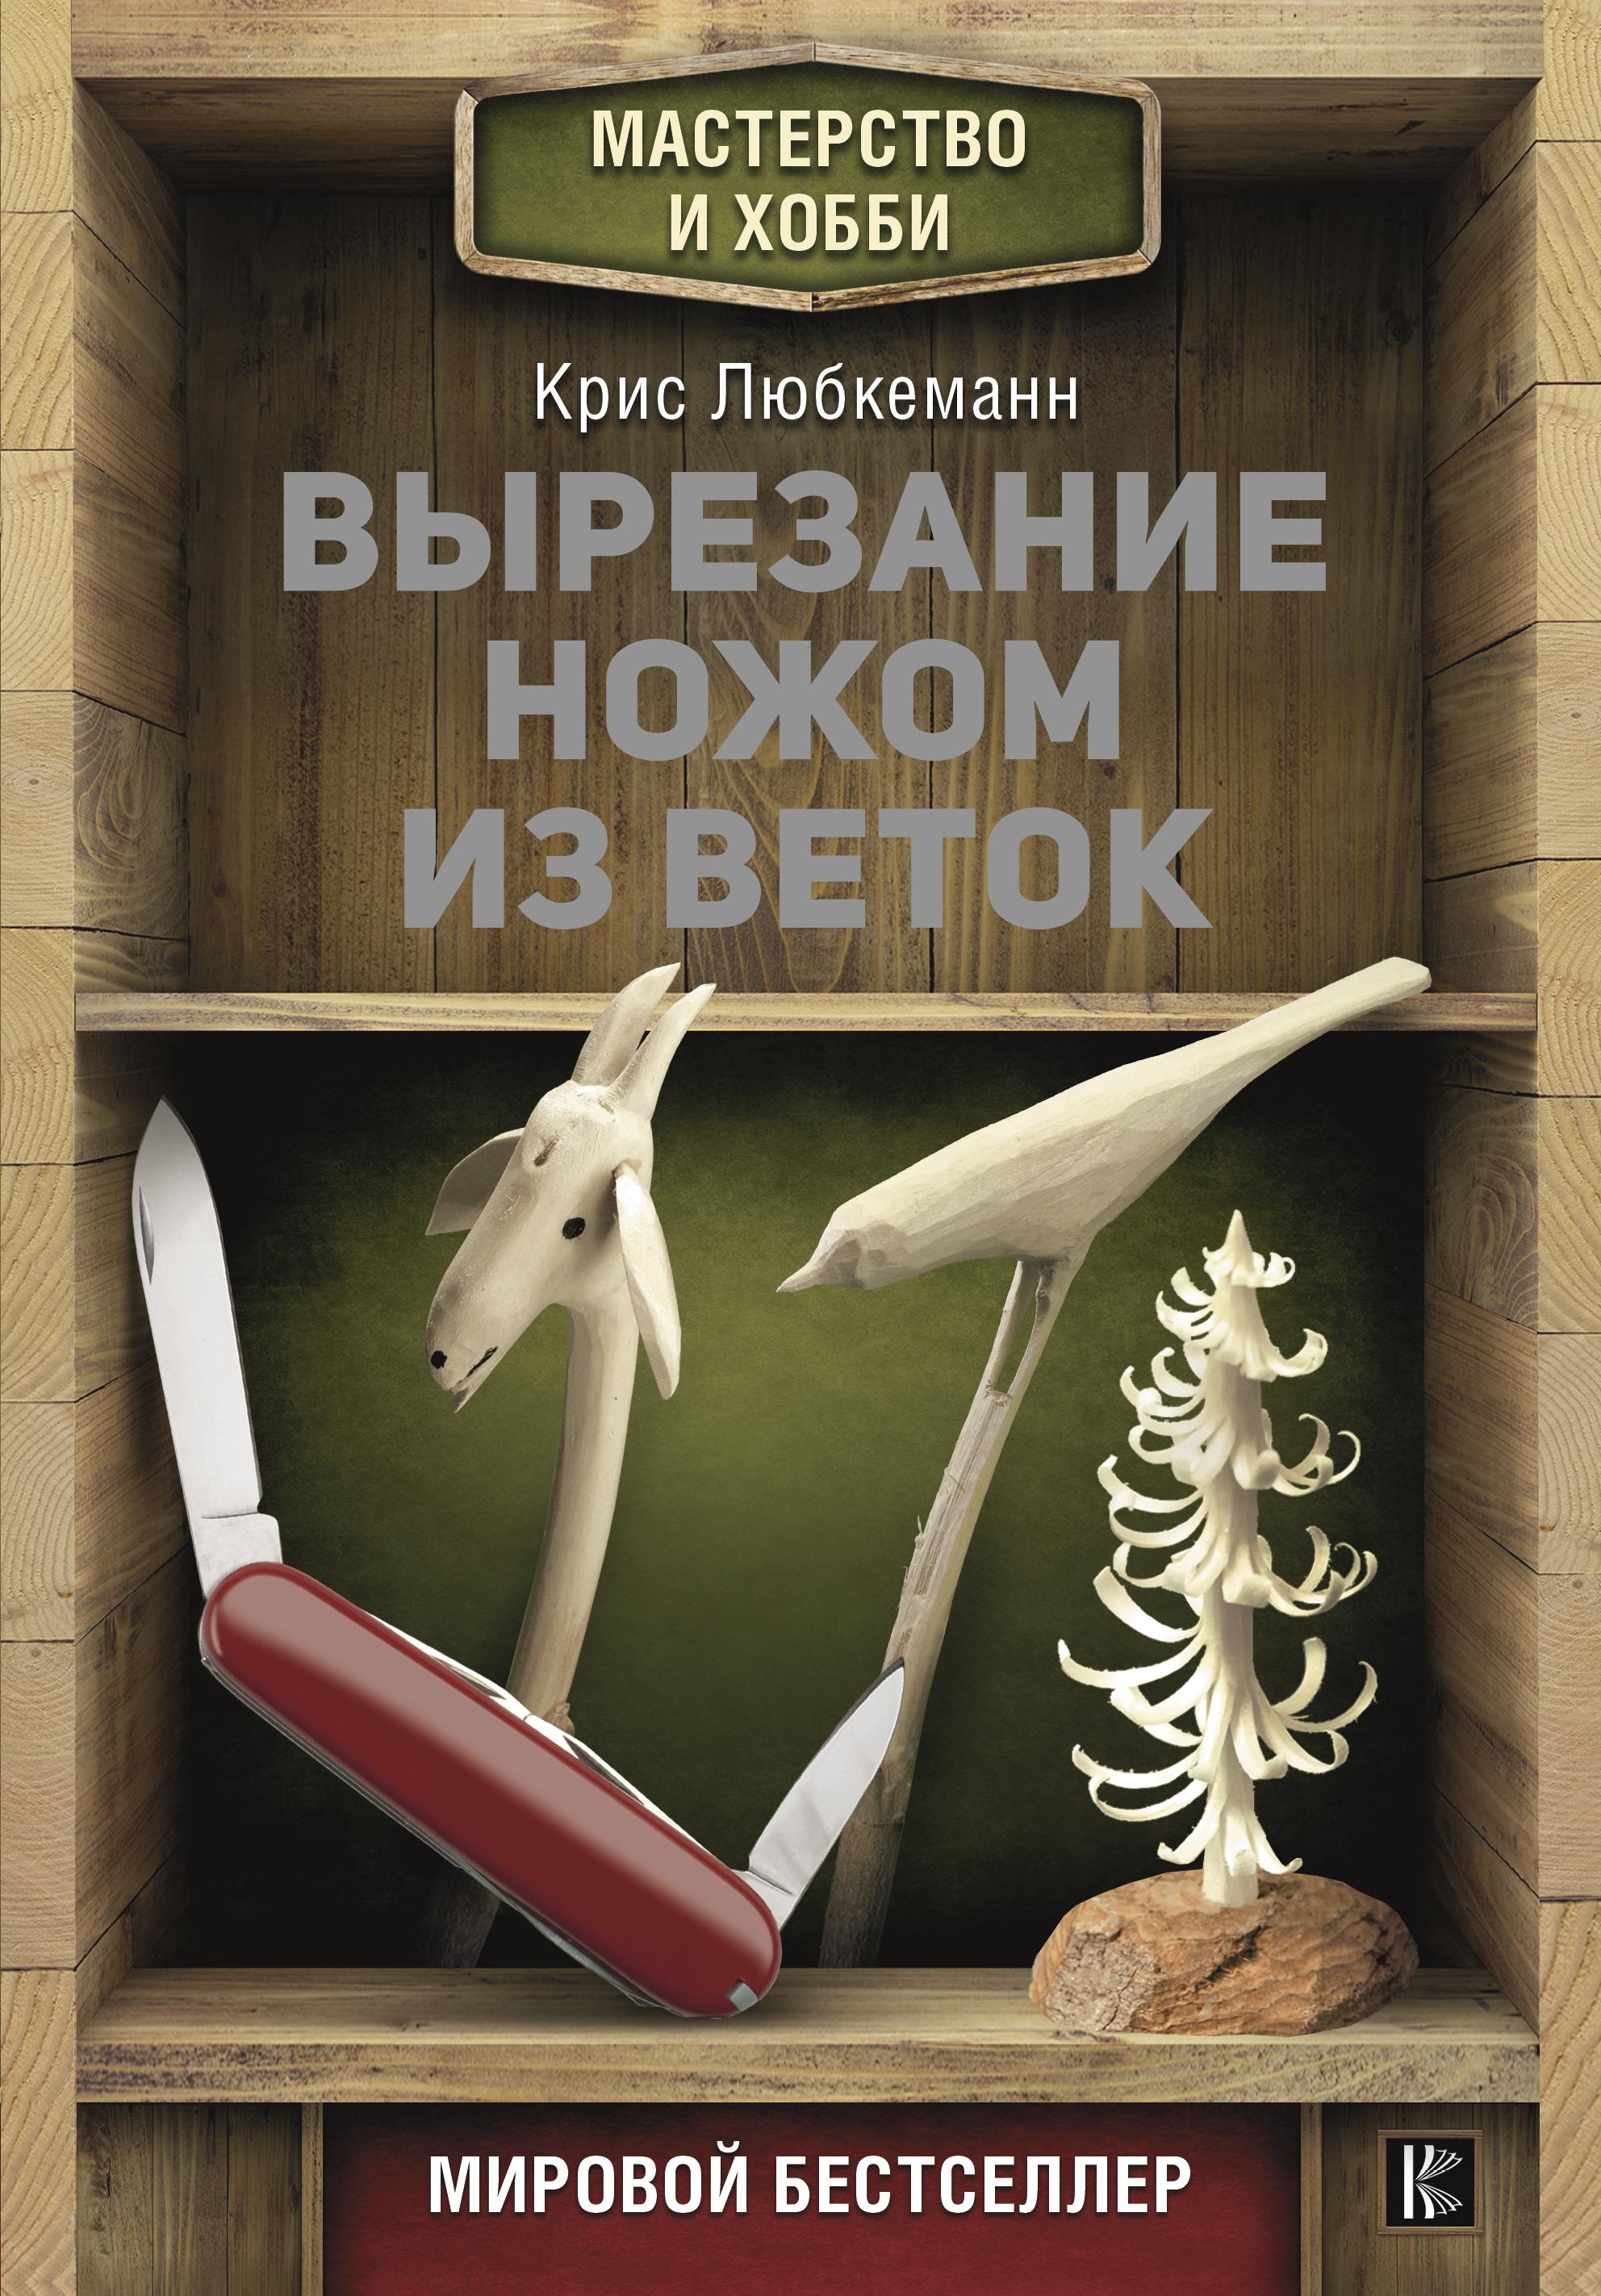 Вырезание ножом из веток ( Любкеманн Крис  )